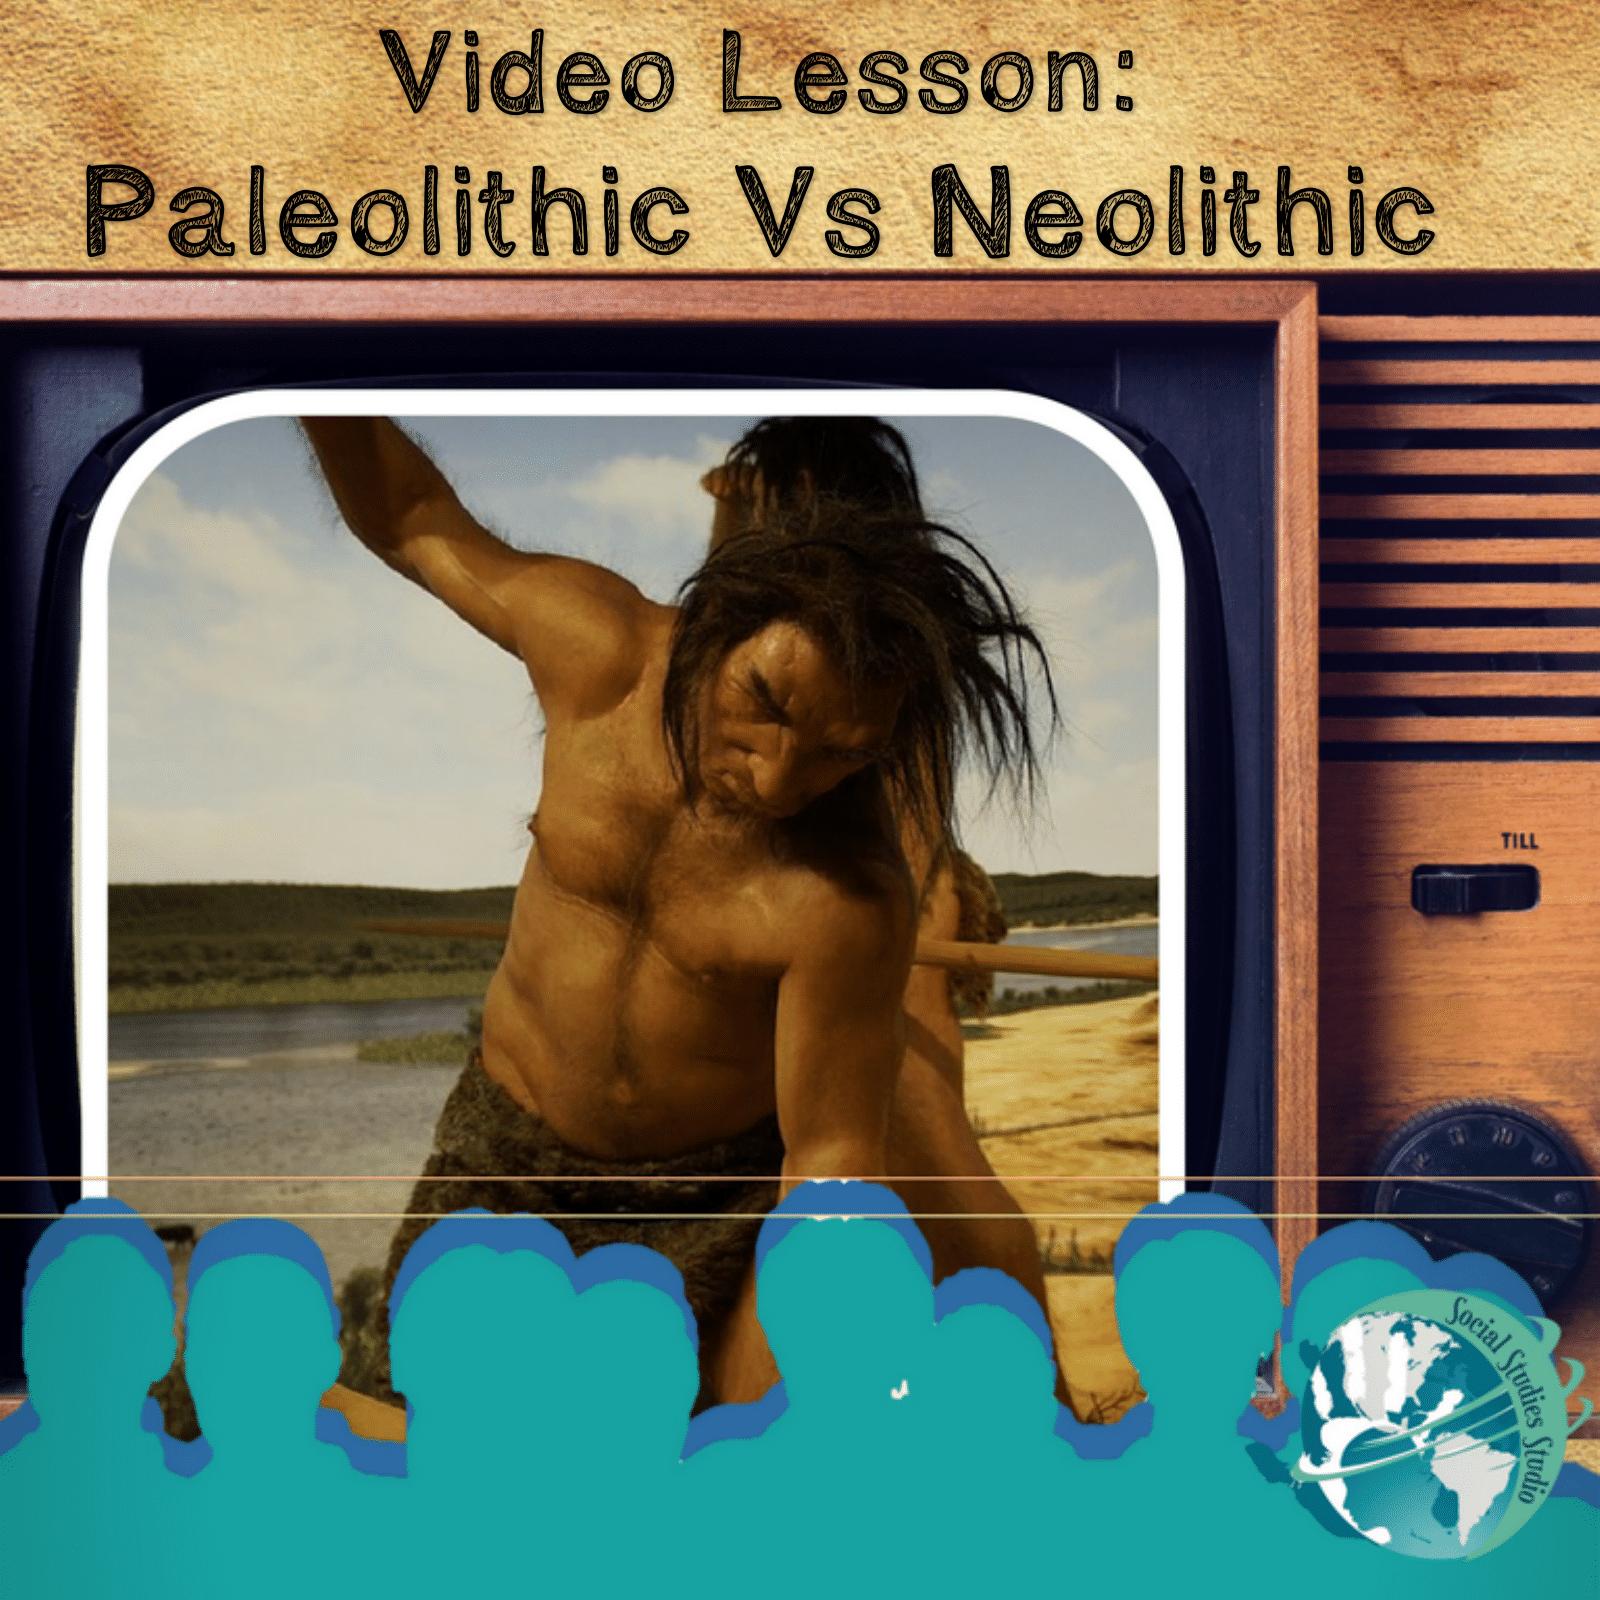 Video Lesson Paleolithic Vs Neolithic